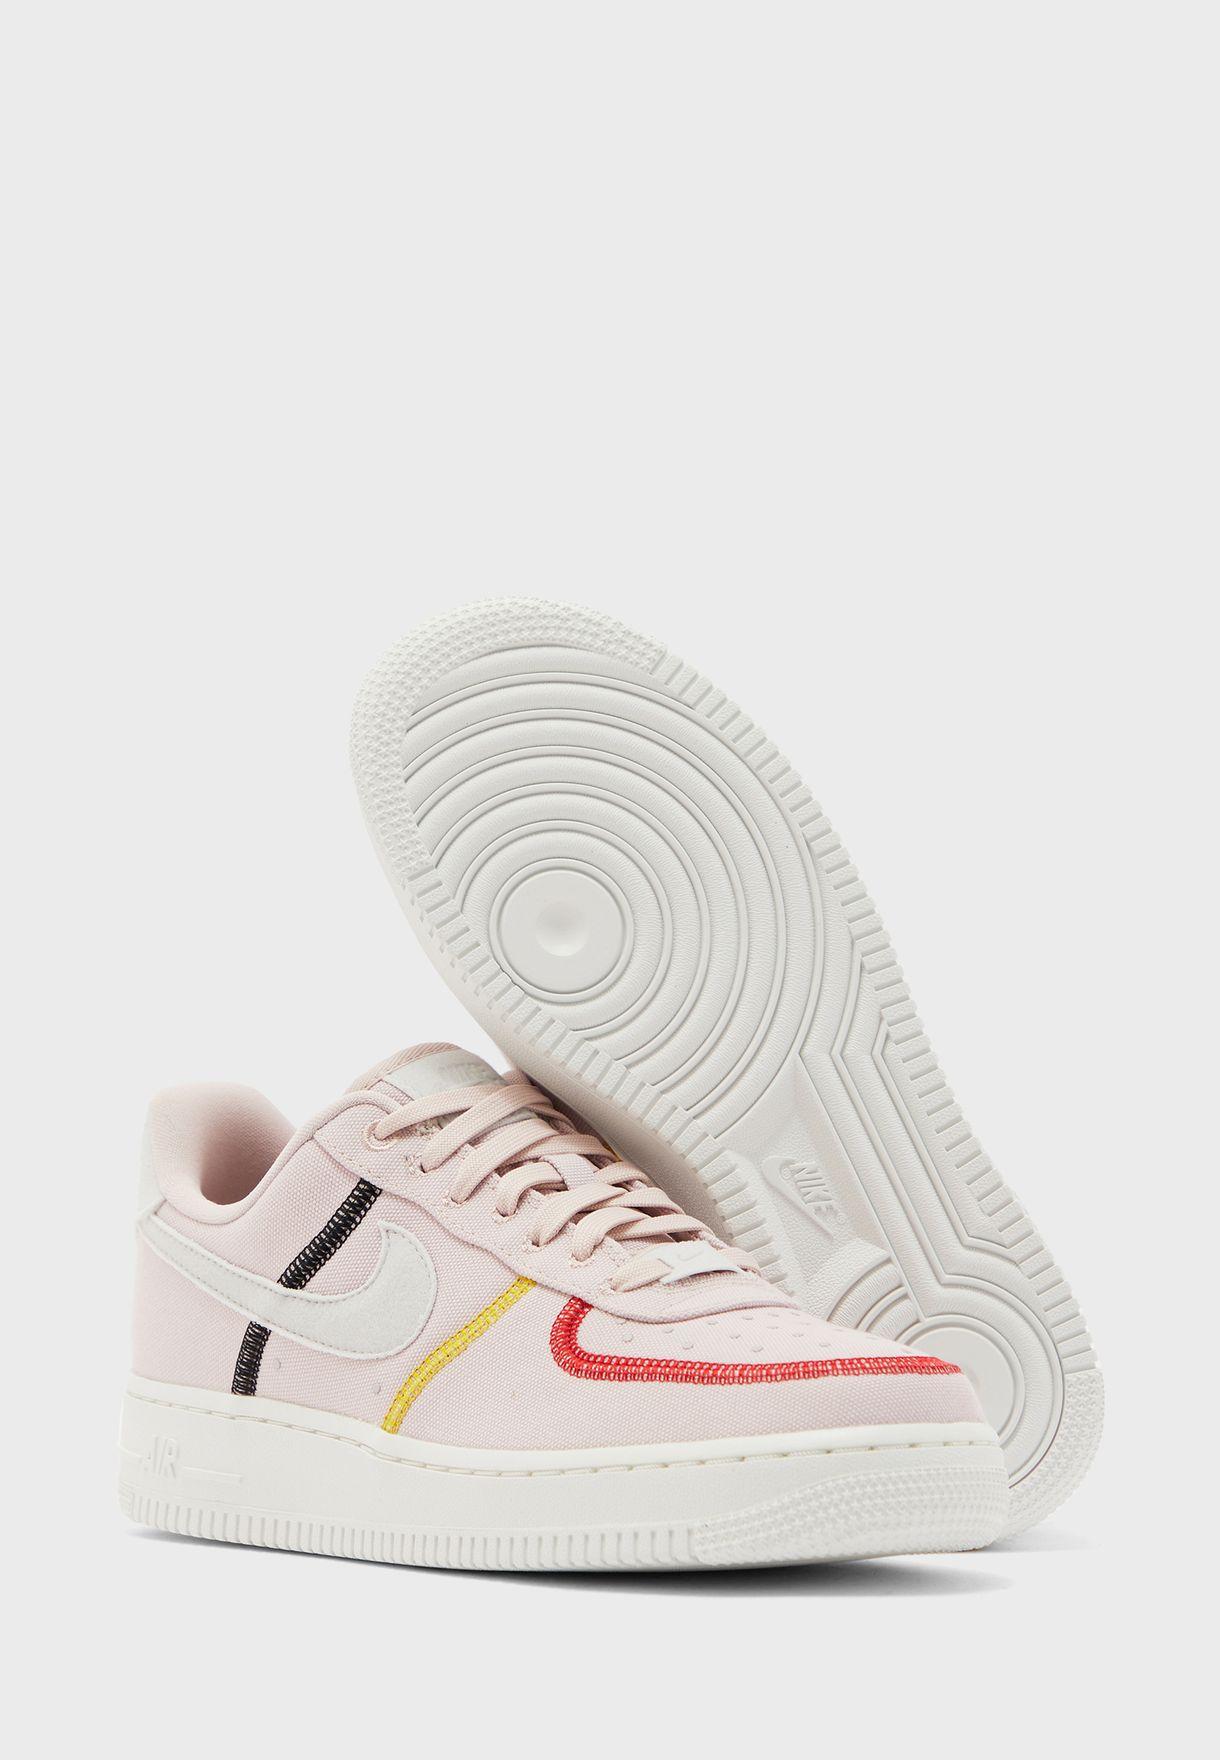 حذاء اير فورس 1 '07 ال اكس